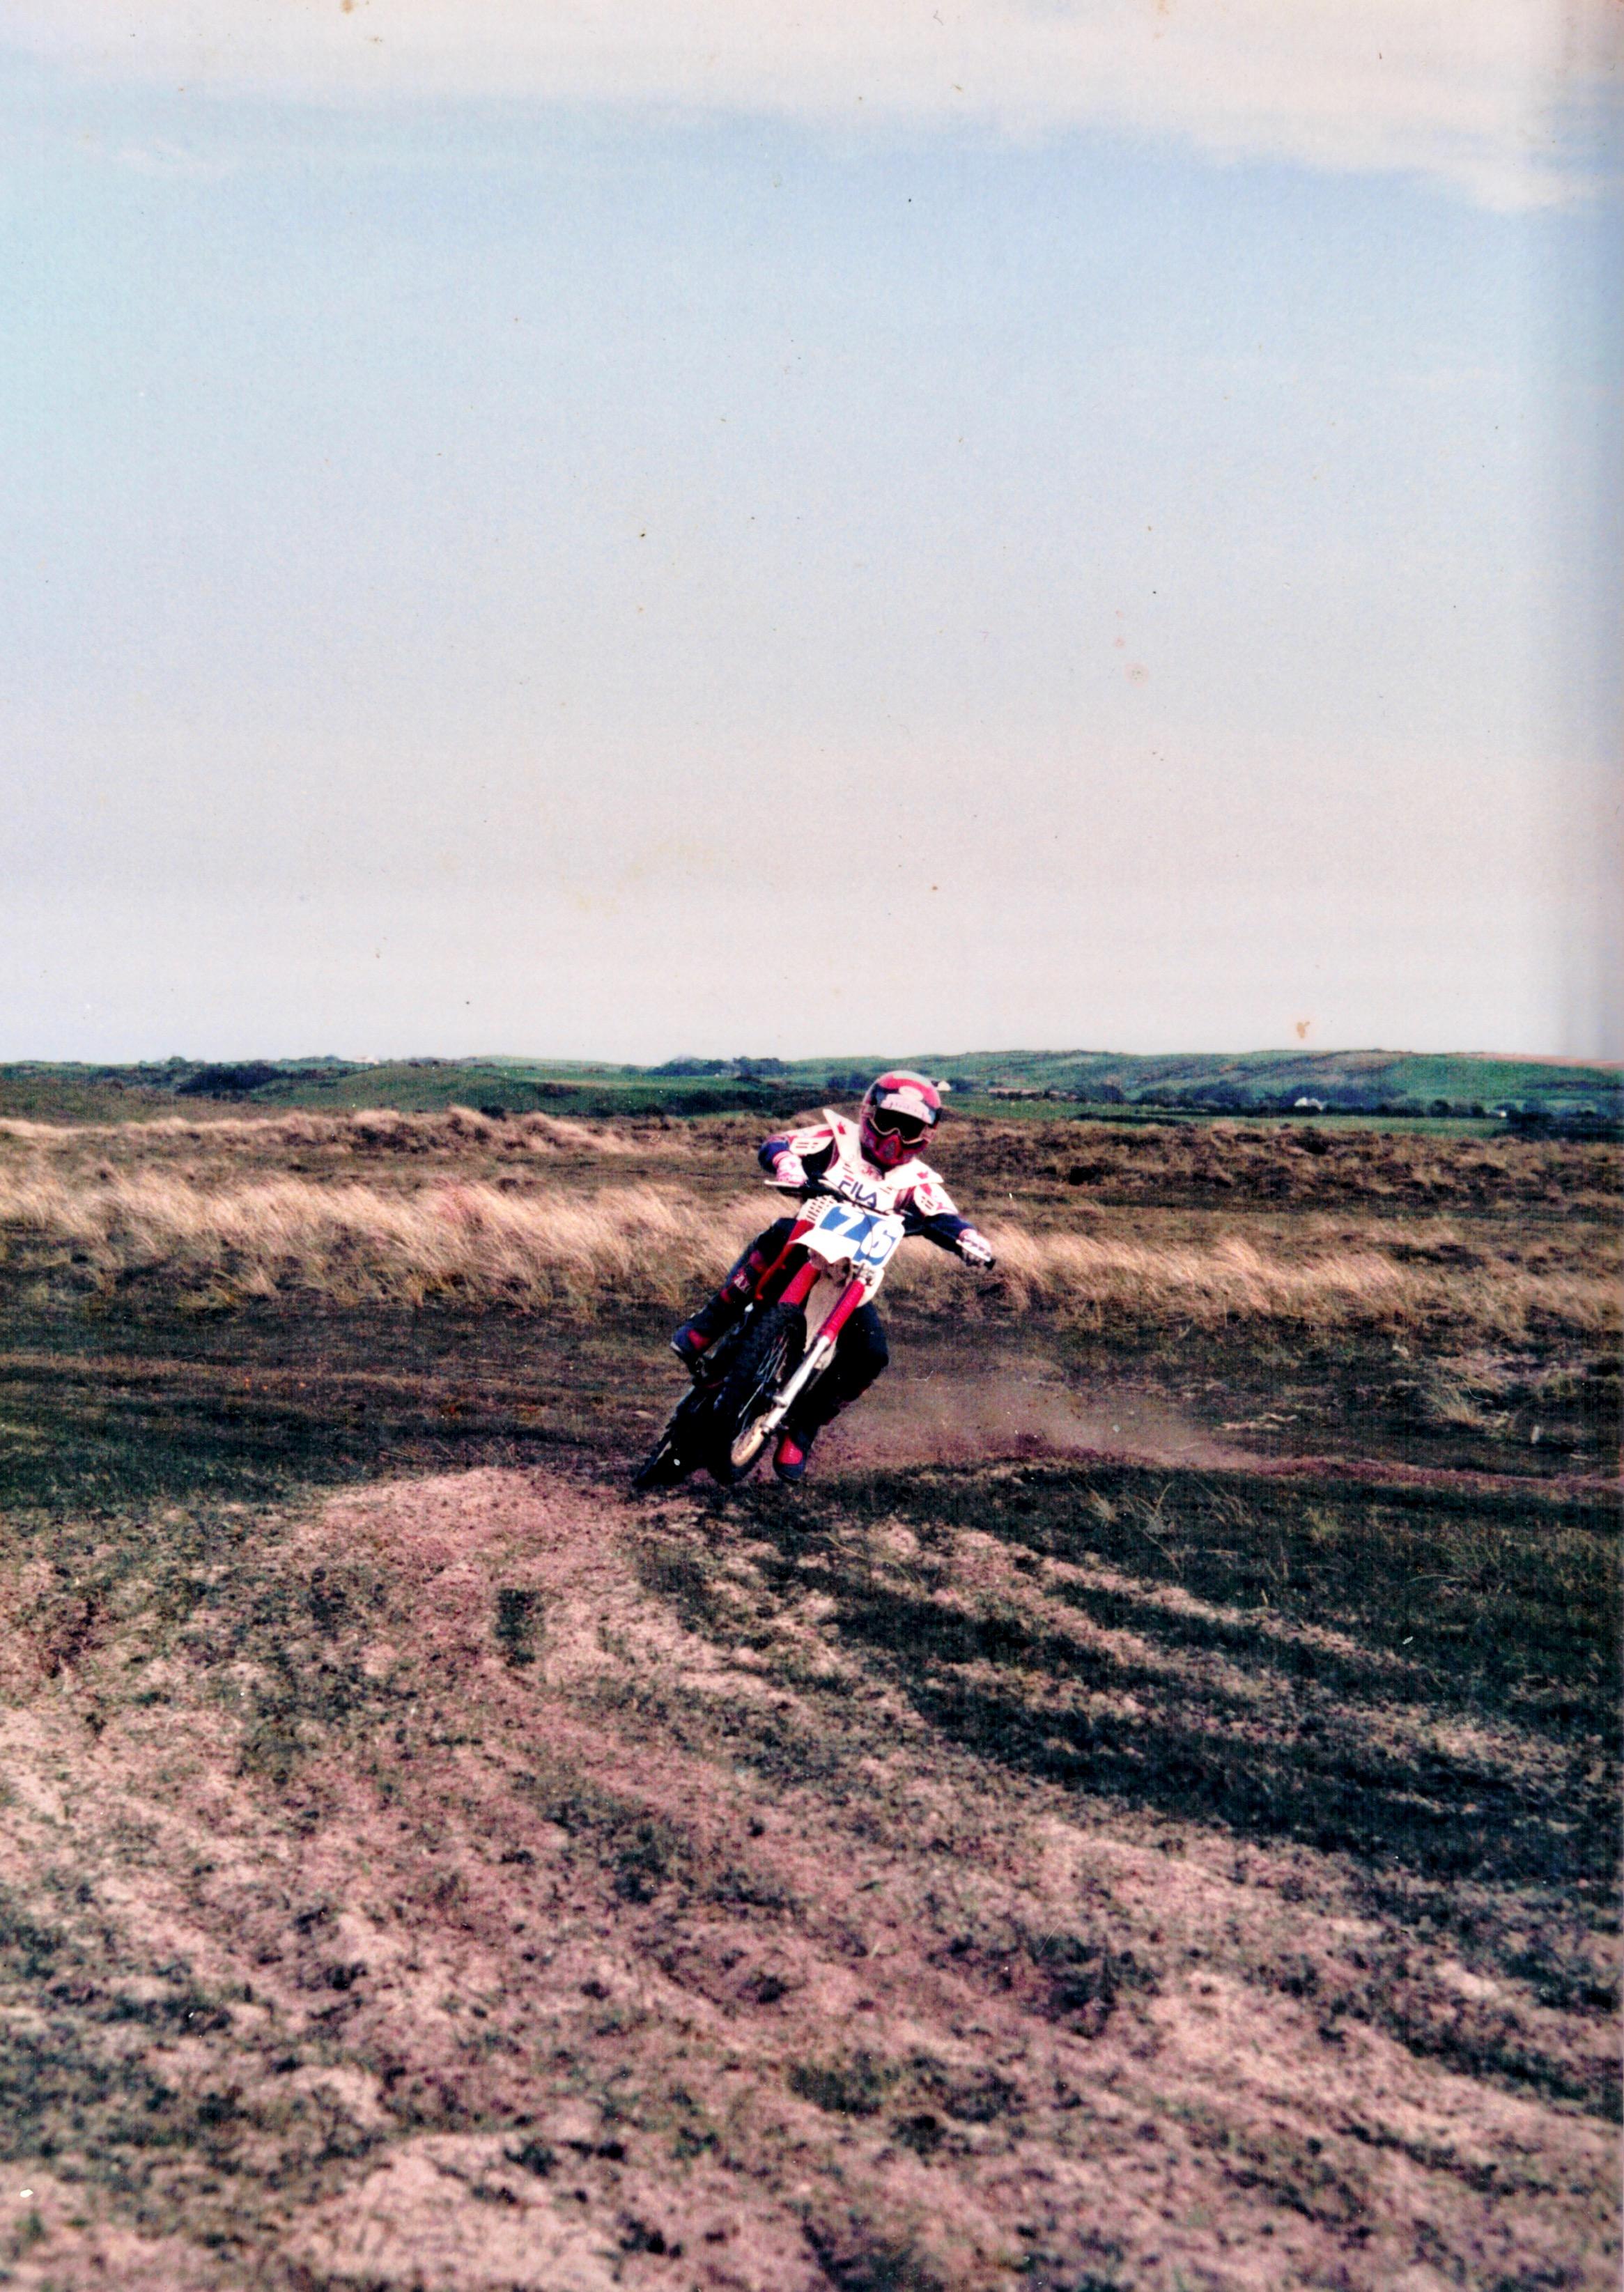 Dirt bikes were a huge part of his childhood, 1986 Isle of man TT week motocross.